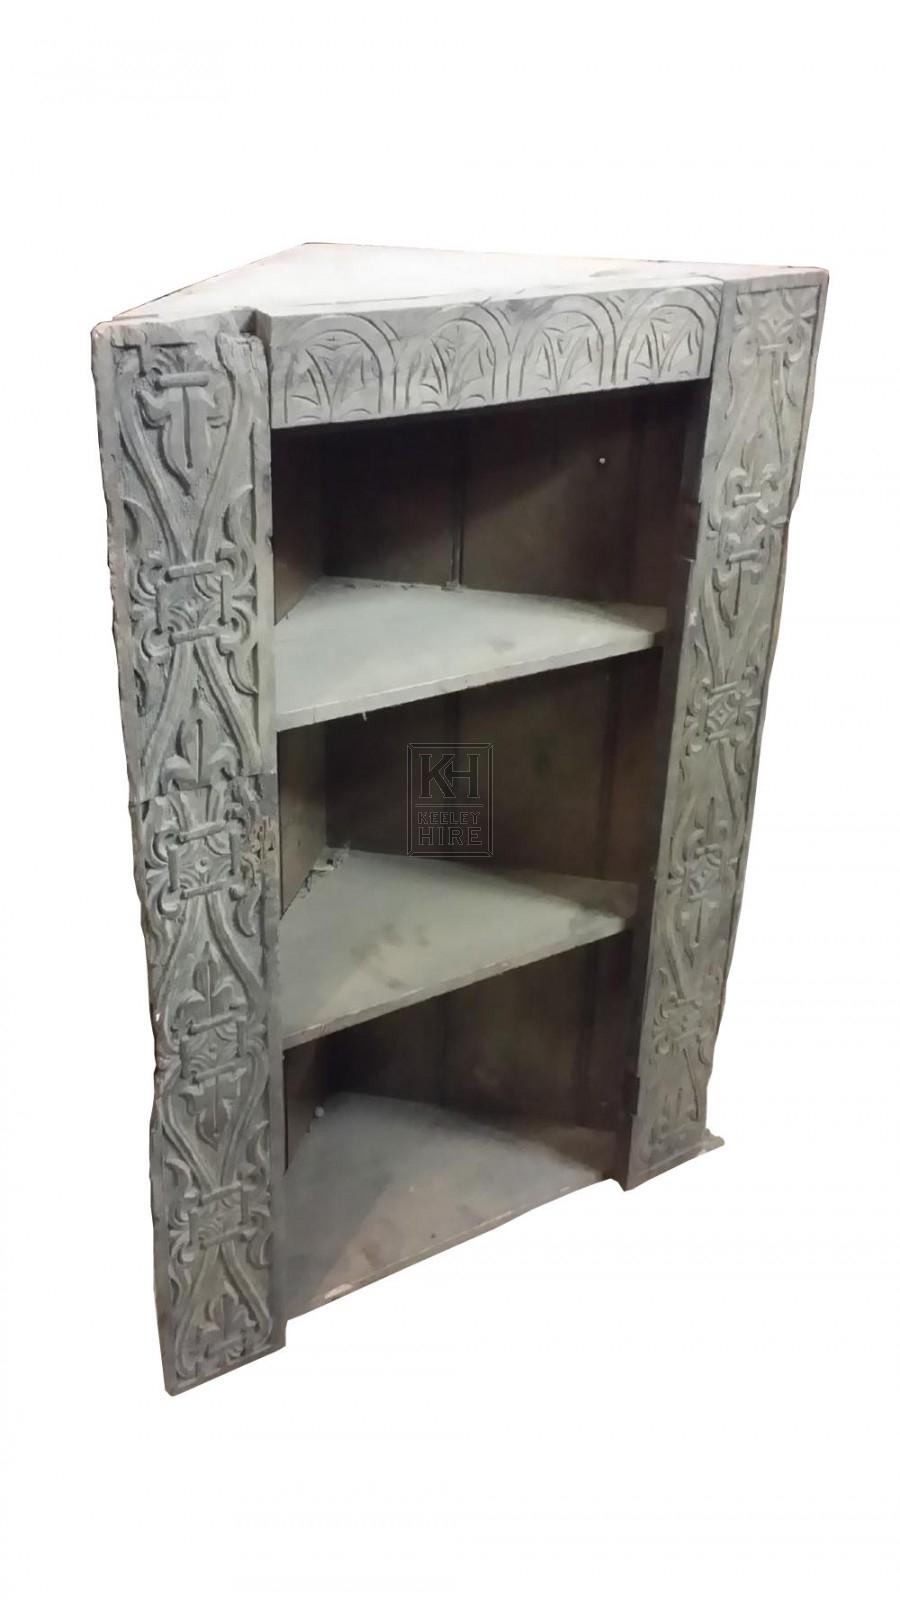 Light wood carved corner unit